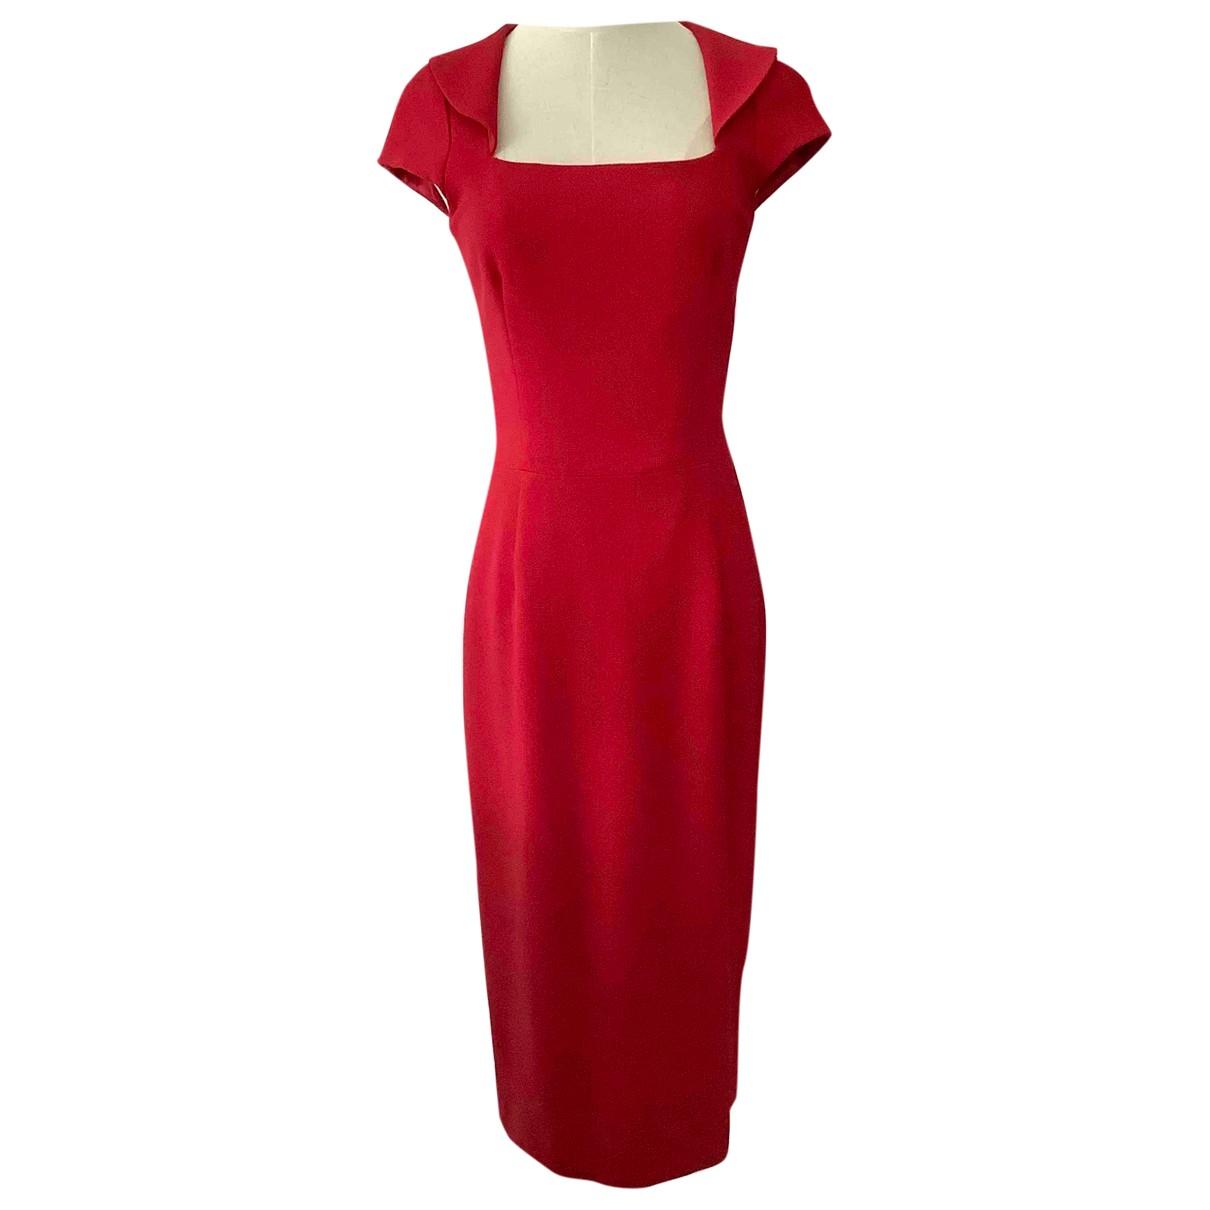 Hobbs \N Kleid in  Rot Wolle